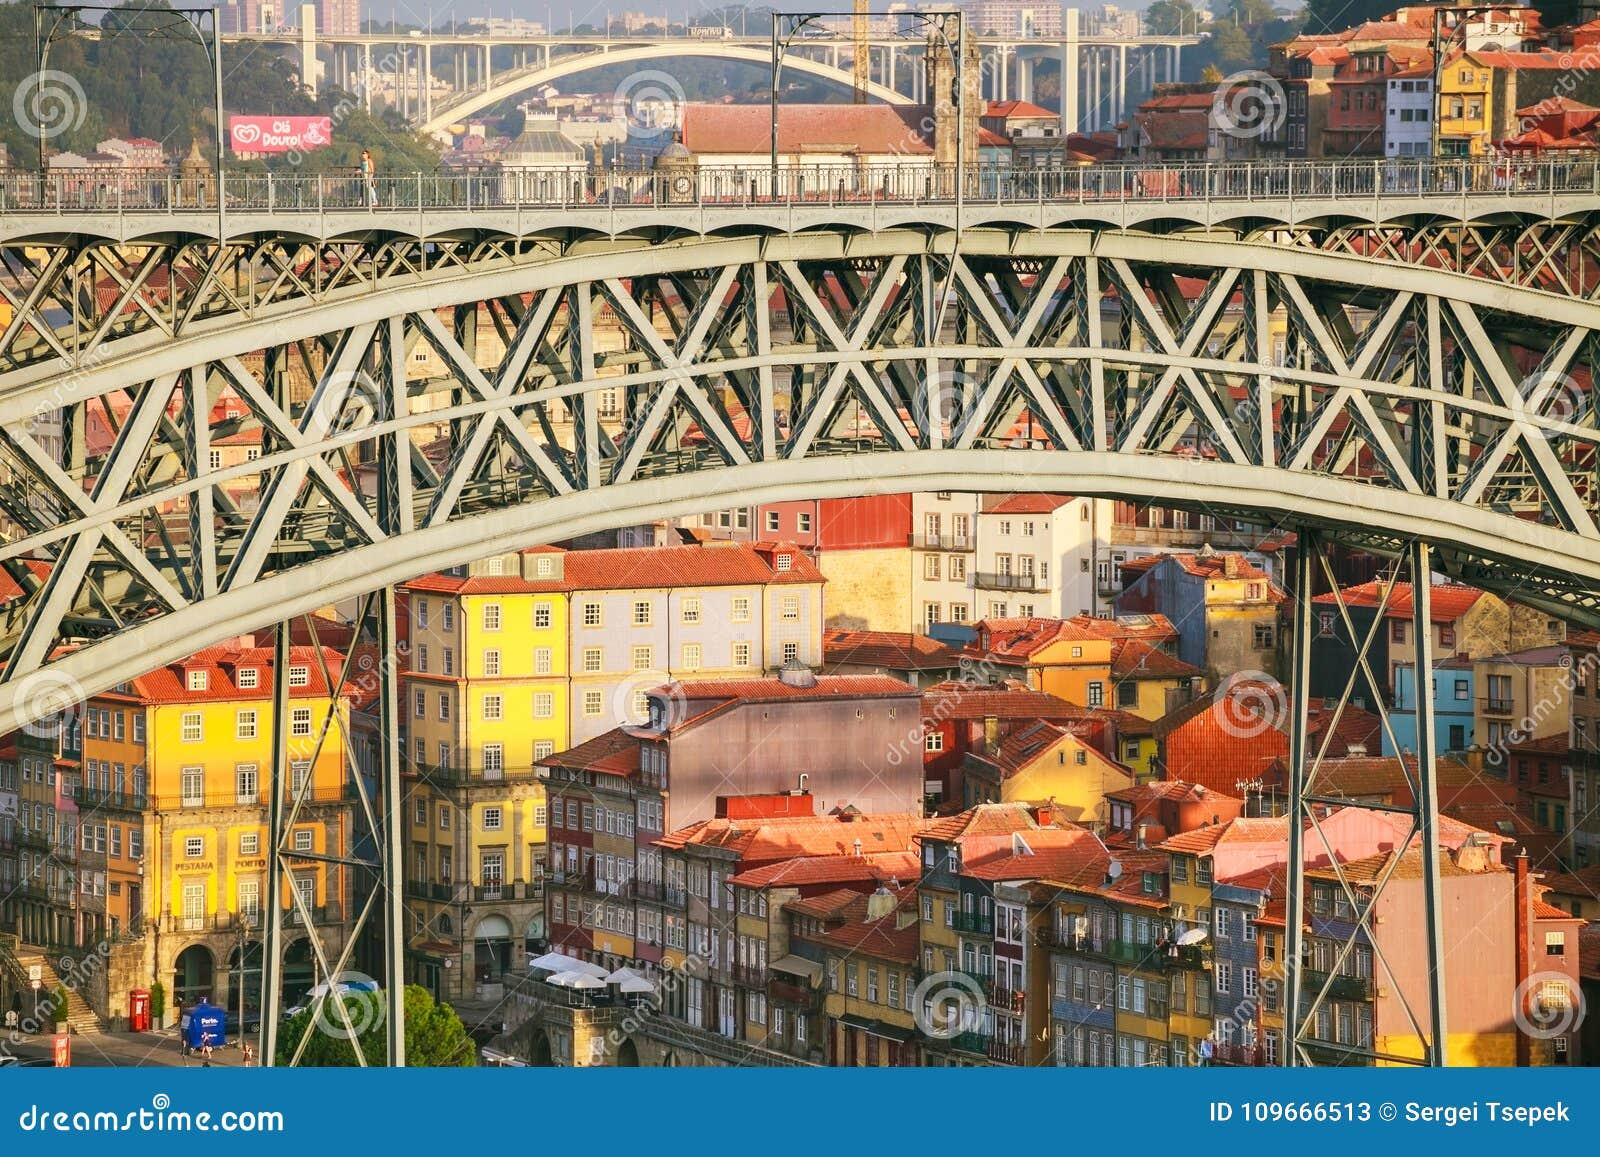 Die Brücke Bogen Dom Luises I Verkehrsverbindung zwischen der Stadt von Porto und der Stadt von Vila Nova de Gaia